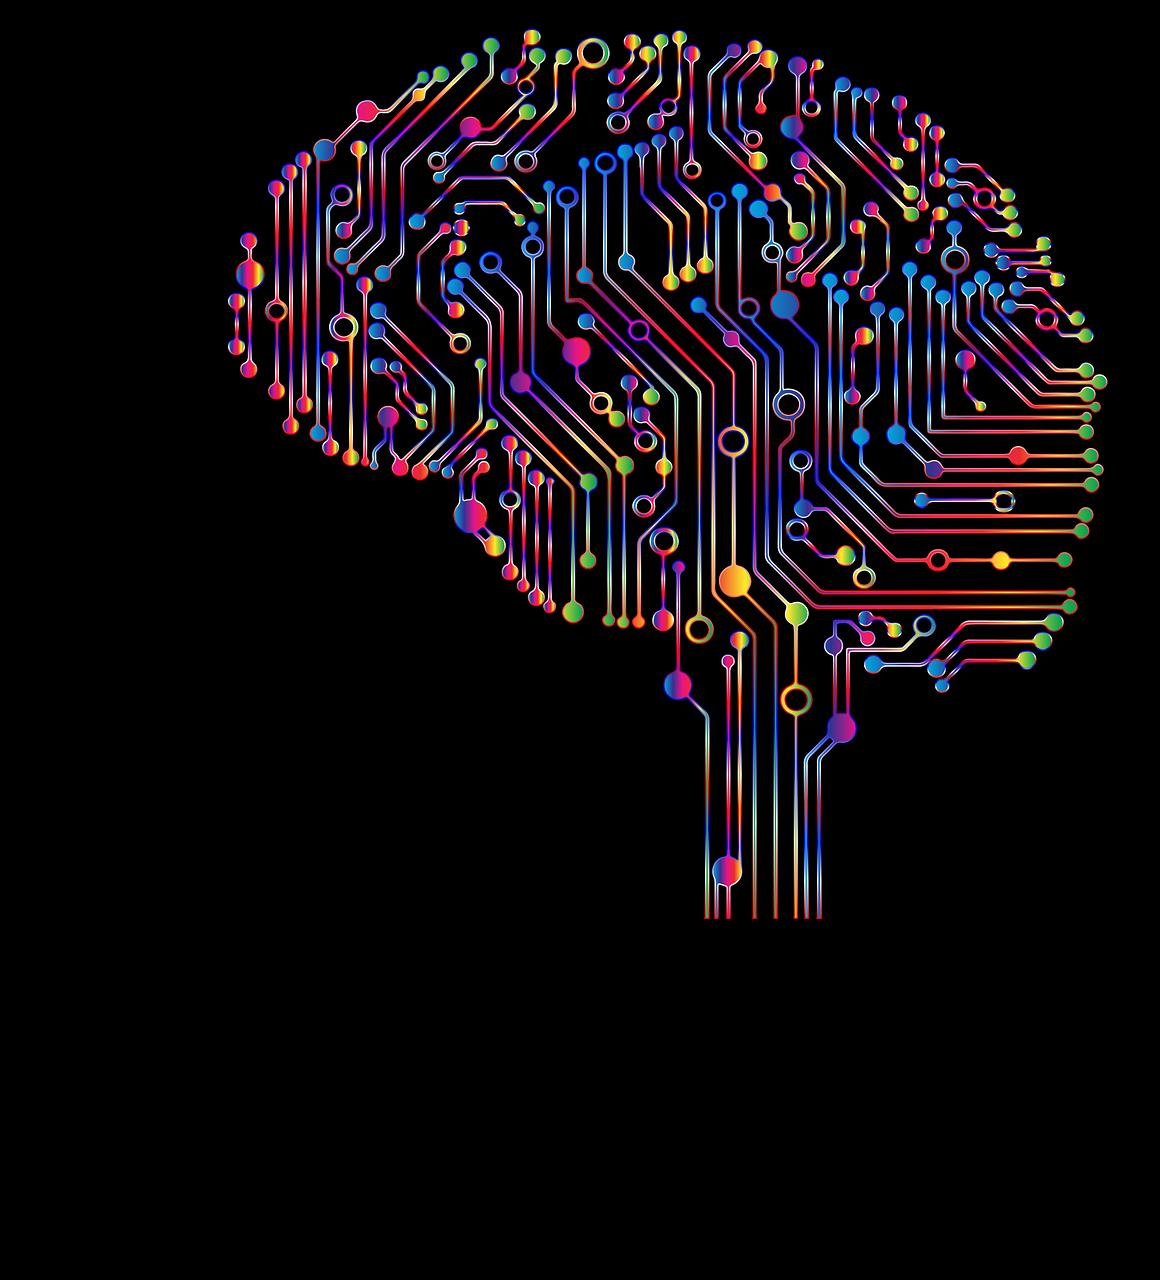 Est-il nécessaire d'adapter la qualité d'inventeur telle que définie dans la loi actuelle pour prendre en compte les inventions réalisées à l'aide de l'intelligence artificielle ?